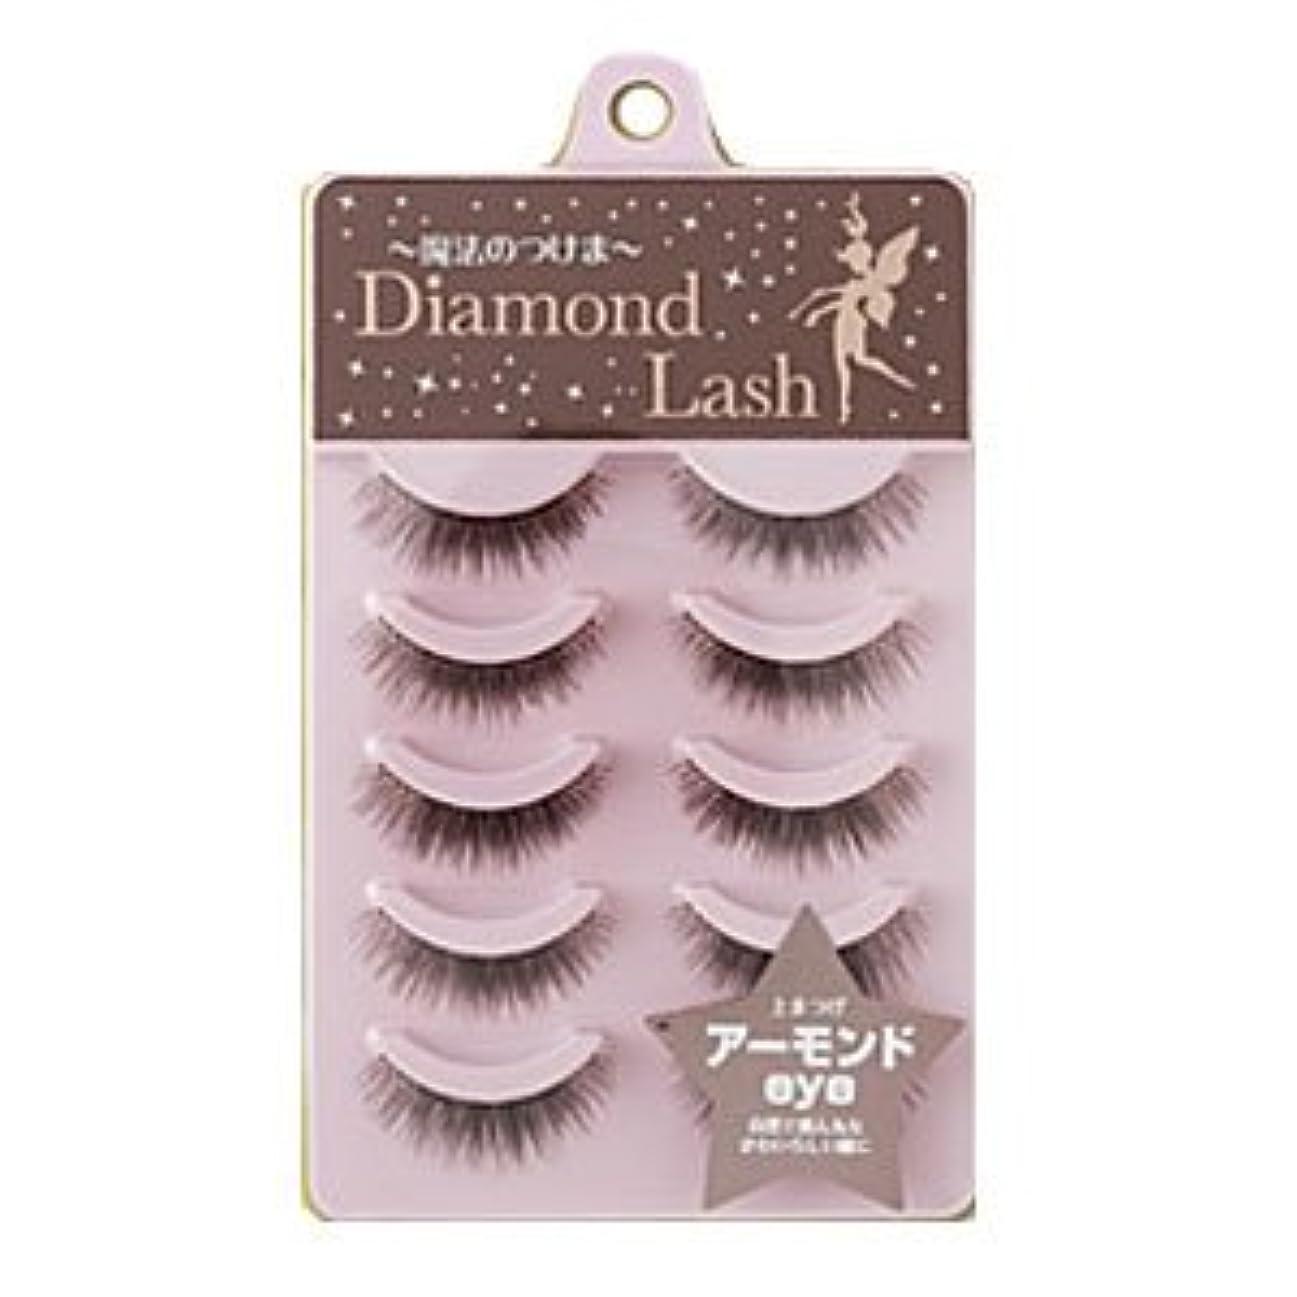 瞬時に不適毛皮ダイヤモンドラッシュ Diamond Lash つけまつげ リッチブラウンシリーズ アーモンドeye